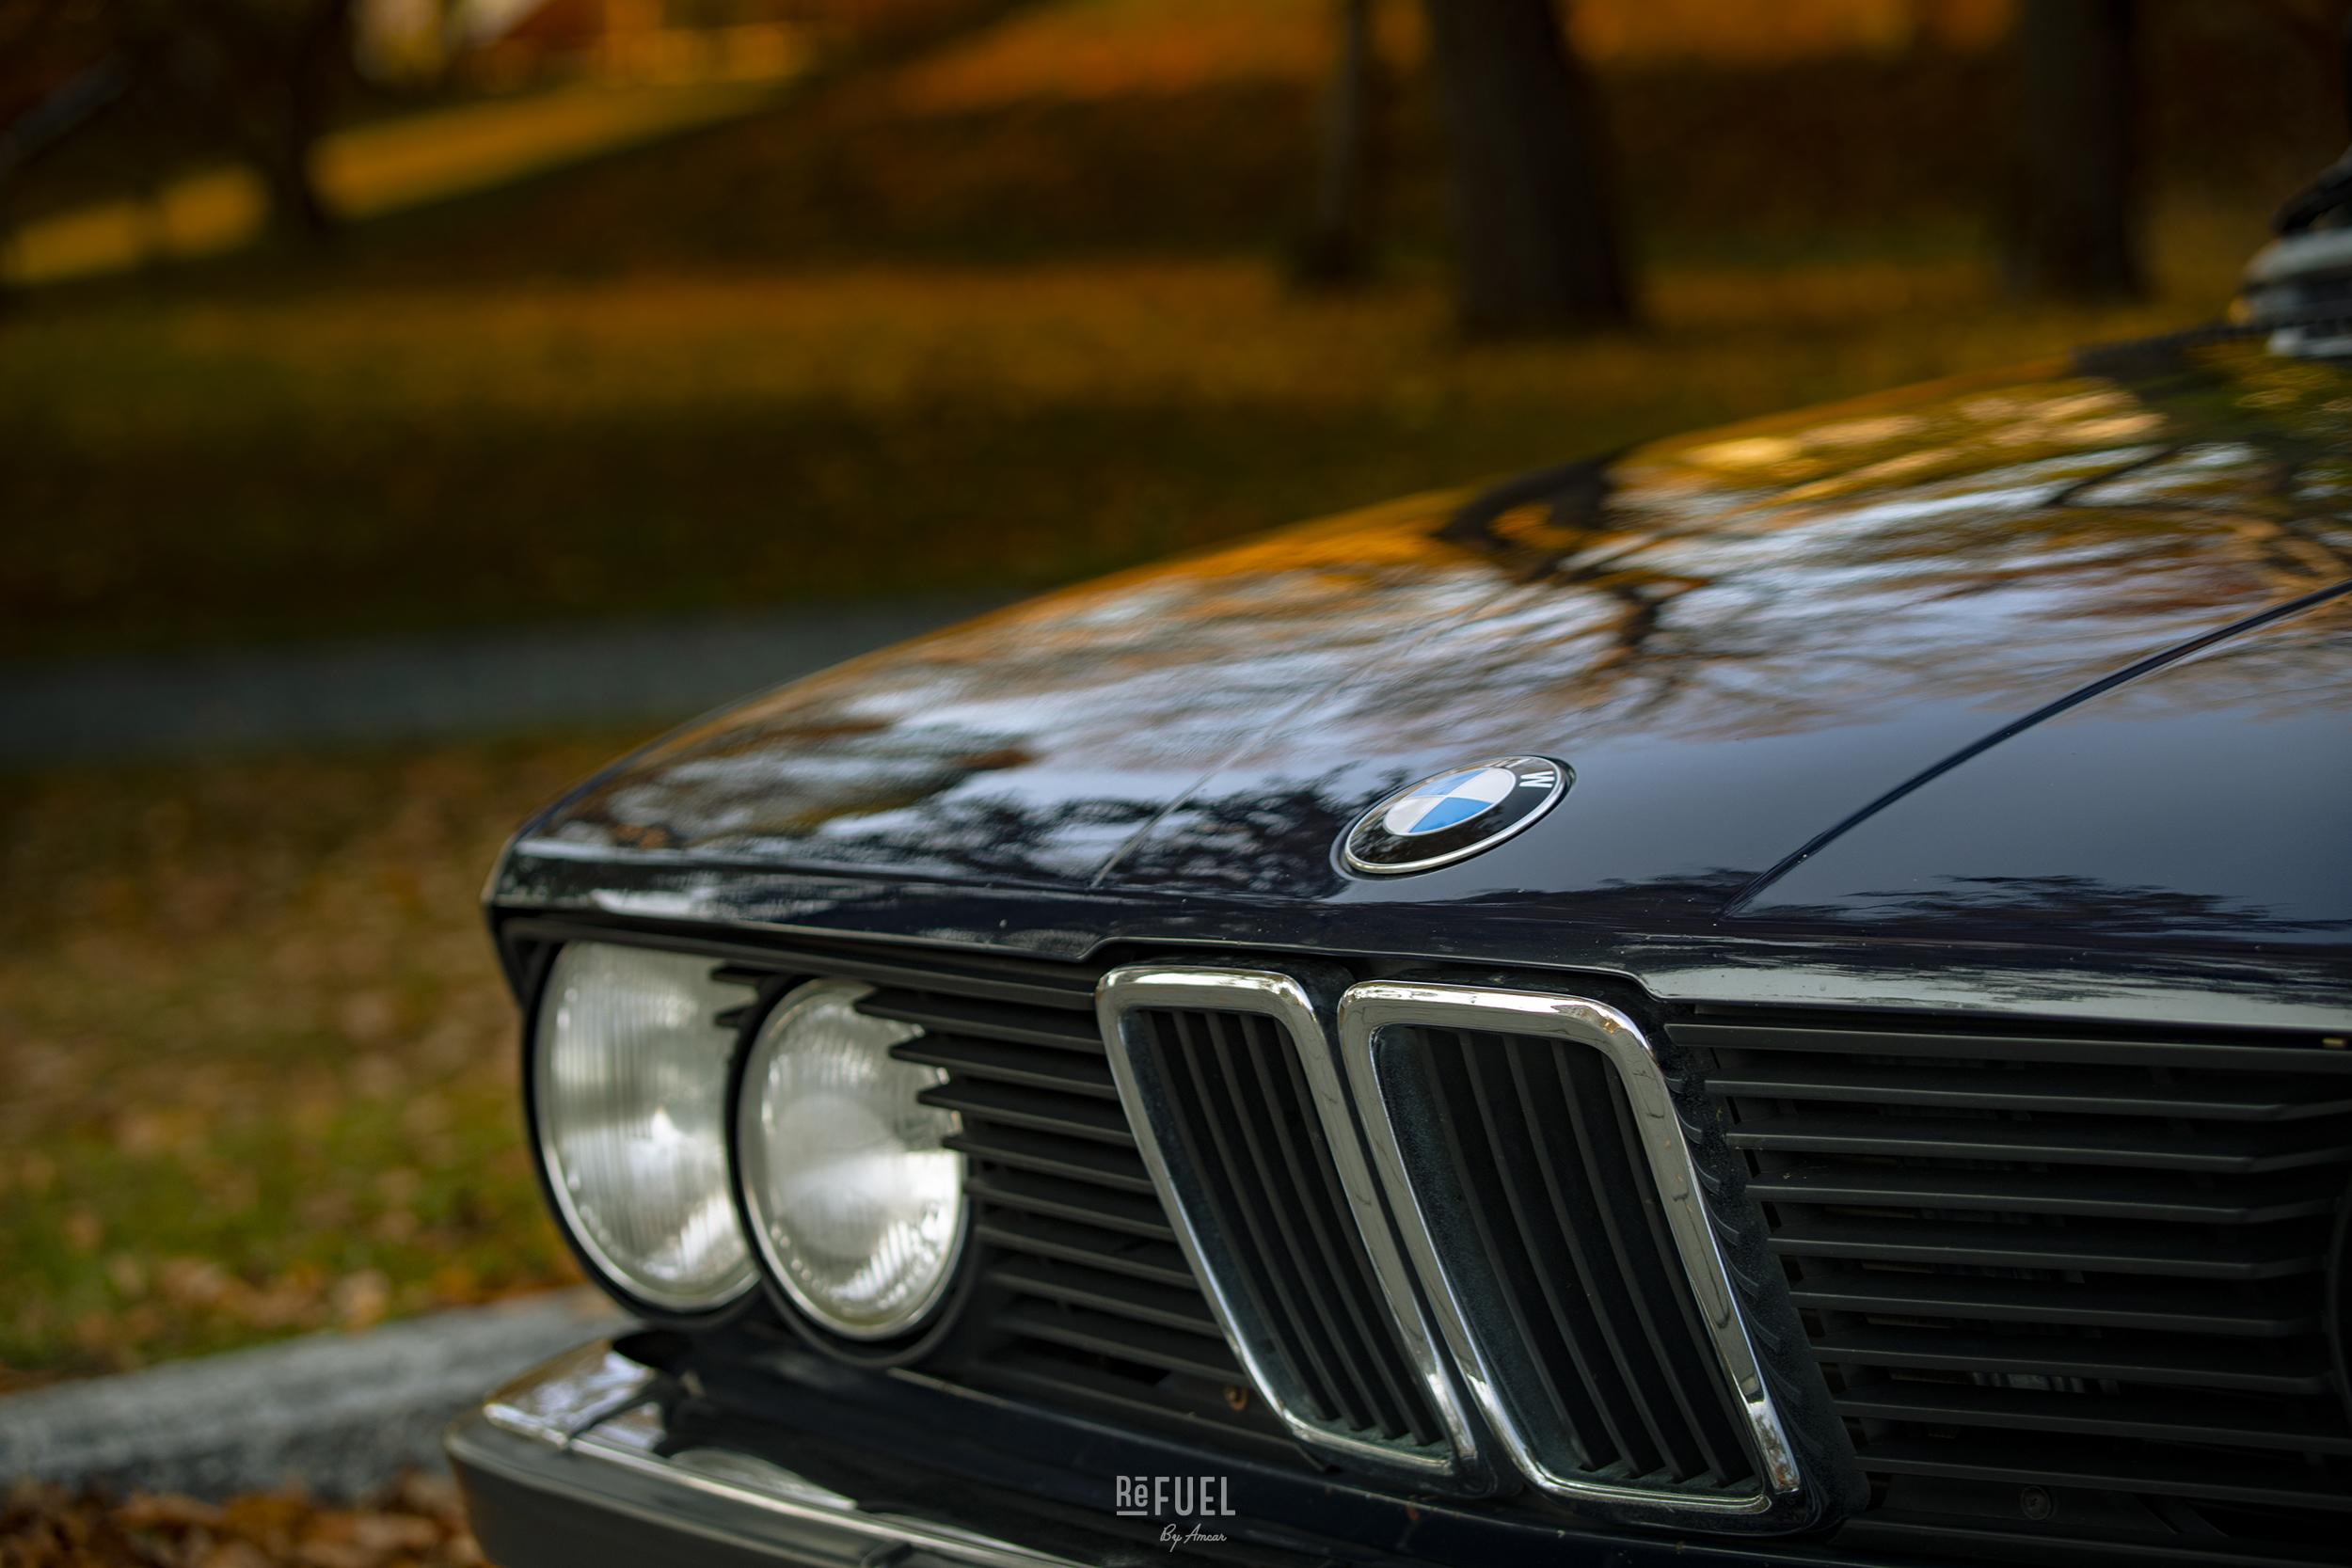 Runde lykter og kvass front er kjennetegn på disse bilene.